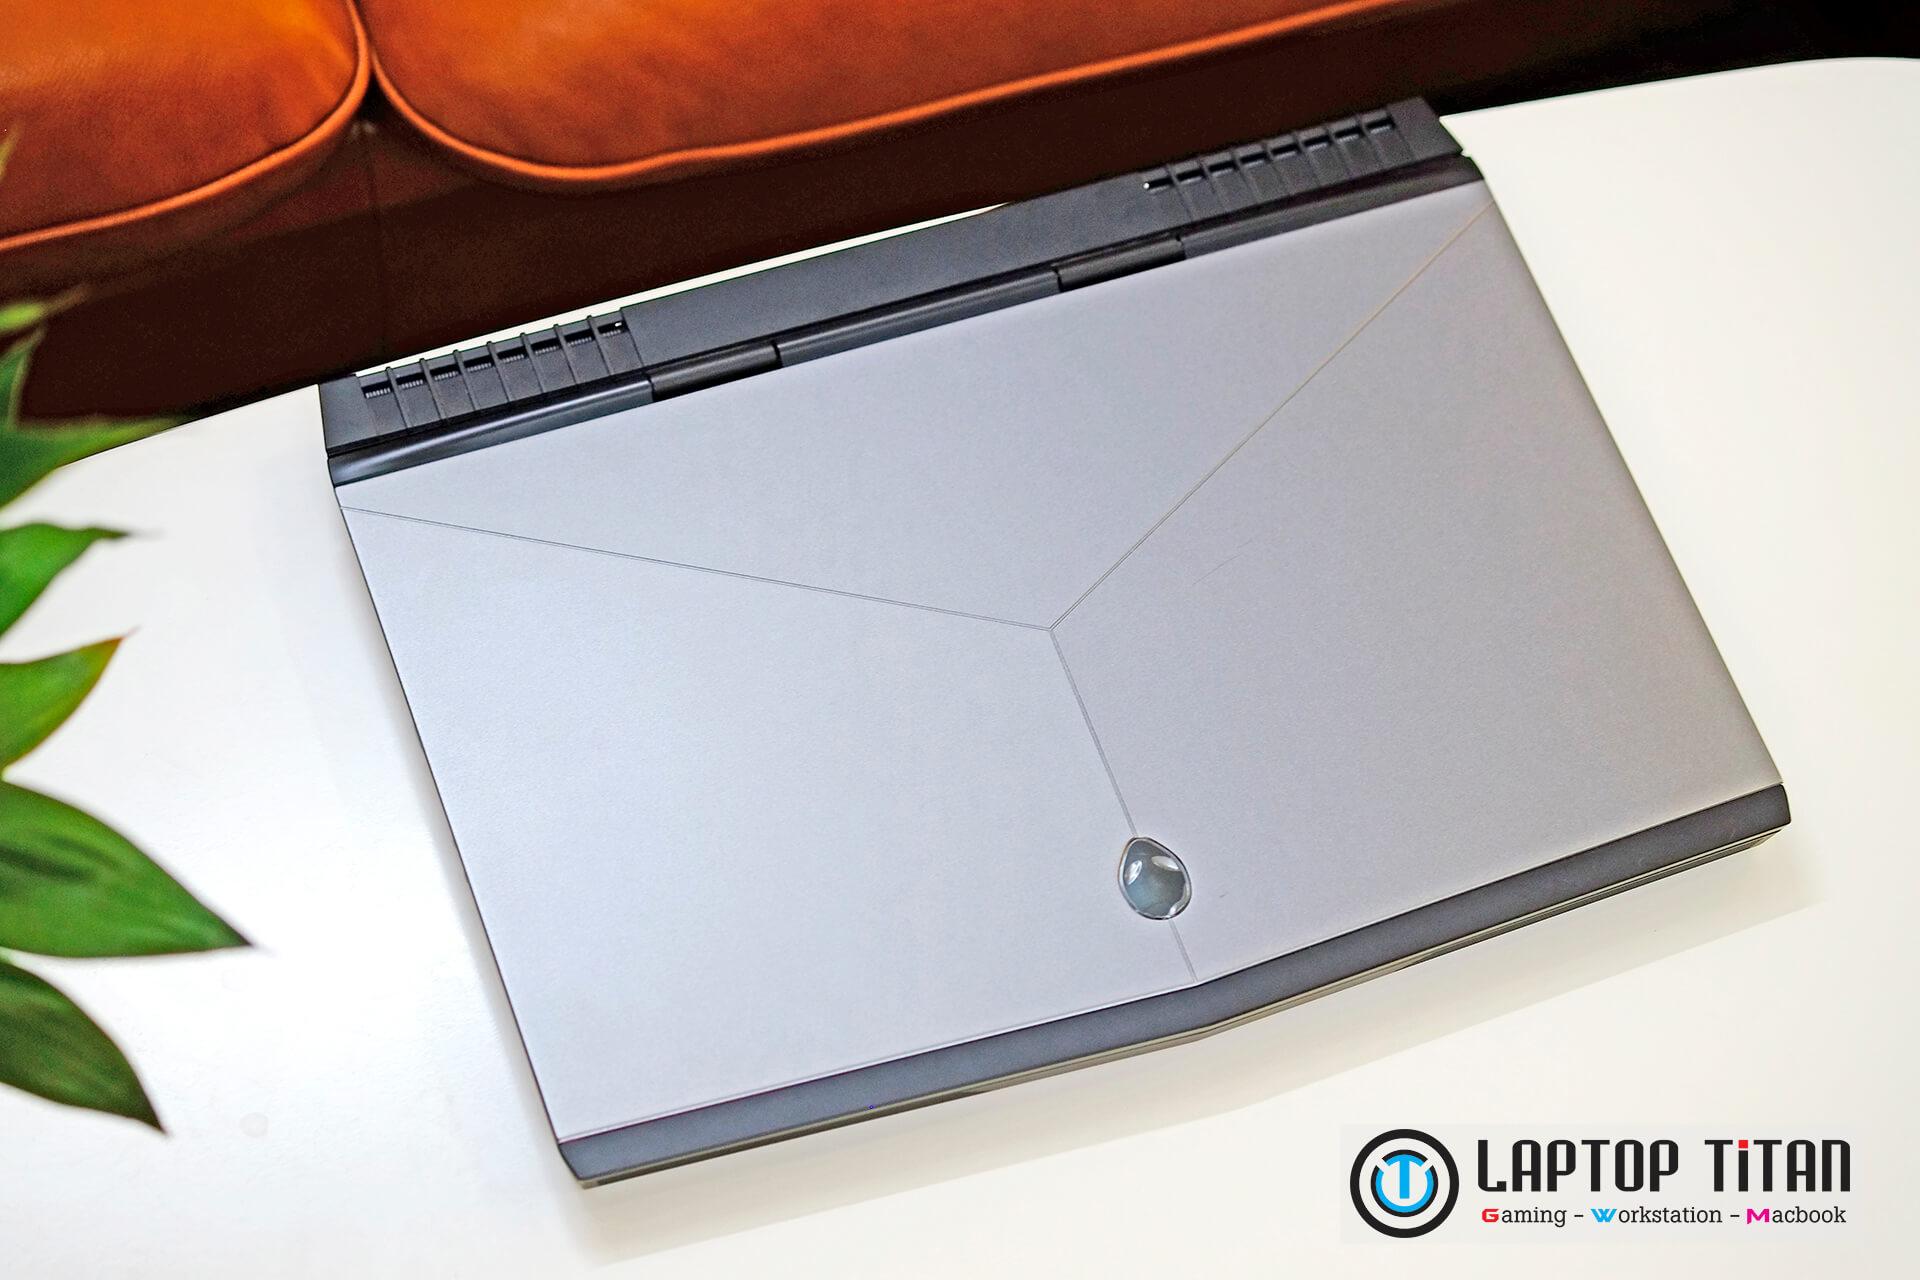 Dell Alienware 15 R3 R4 Laptoptitan 02